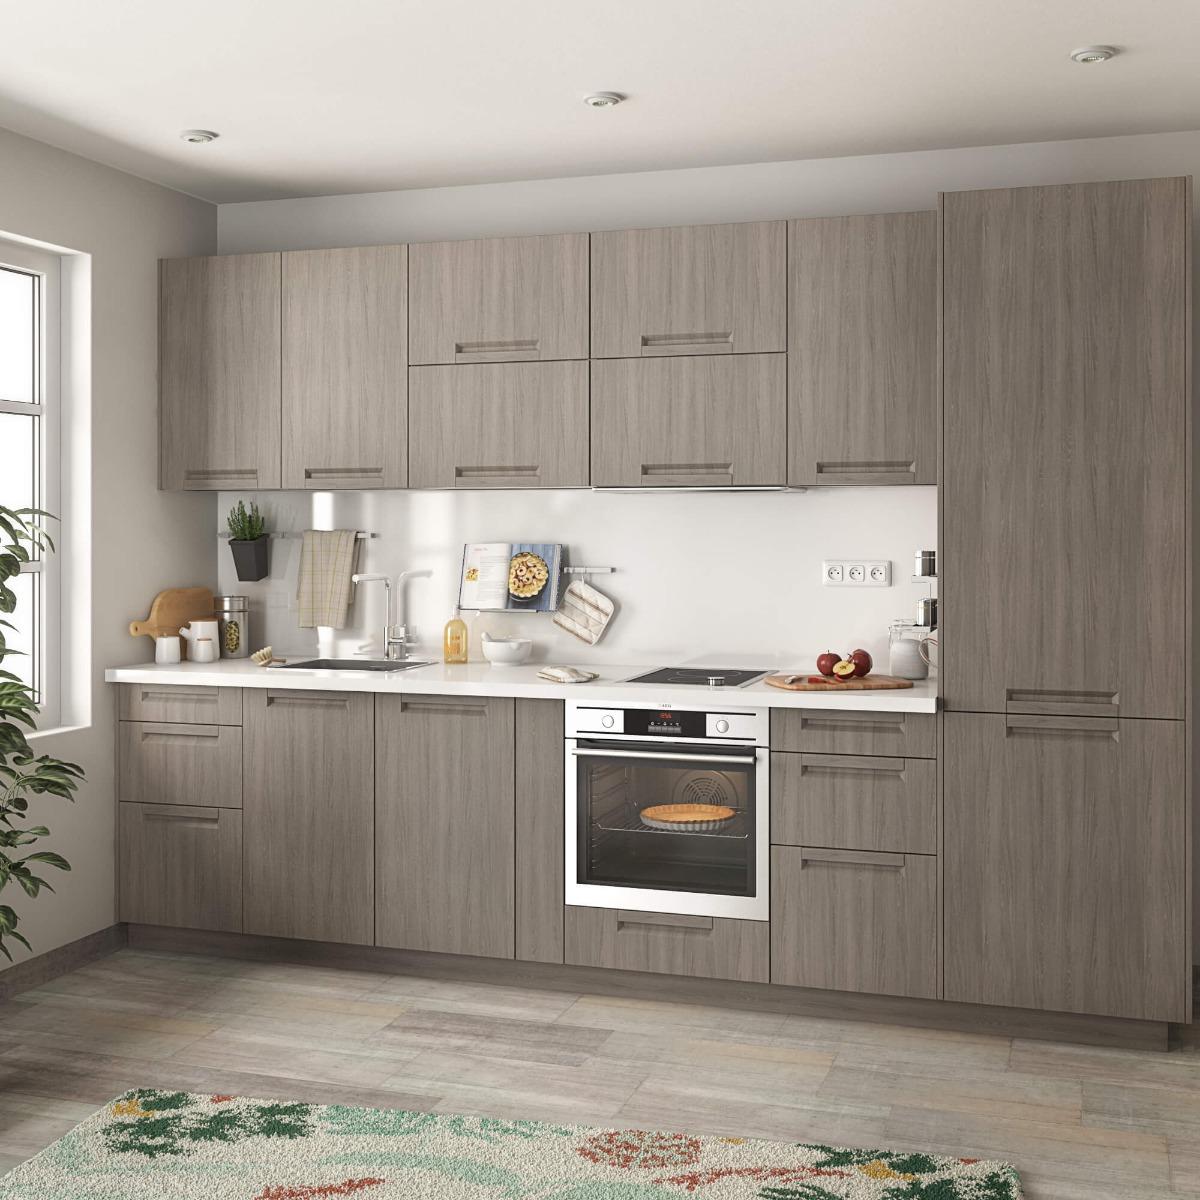 Delinia Detroit Designer Kitchen Mobi - Example 2